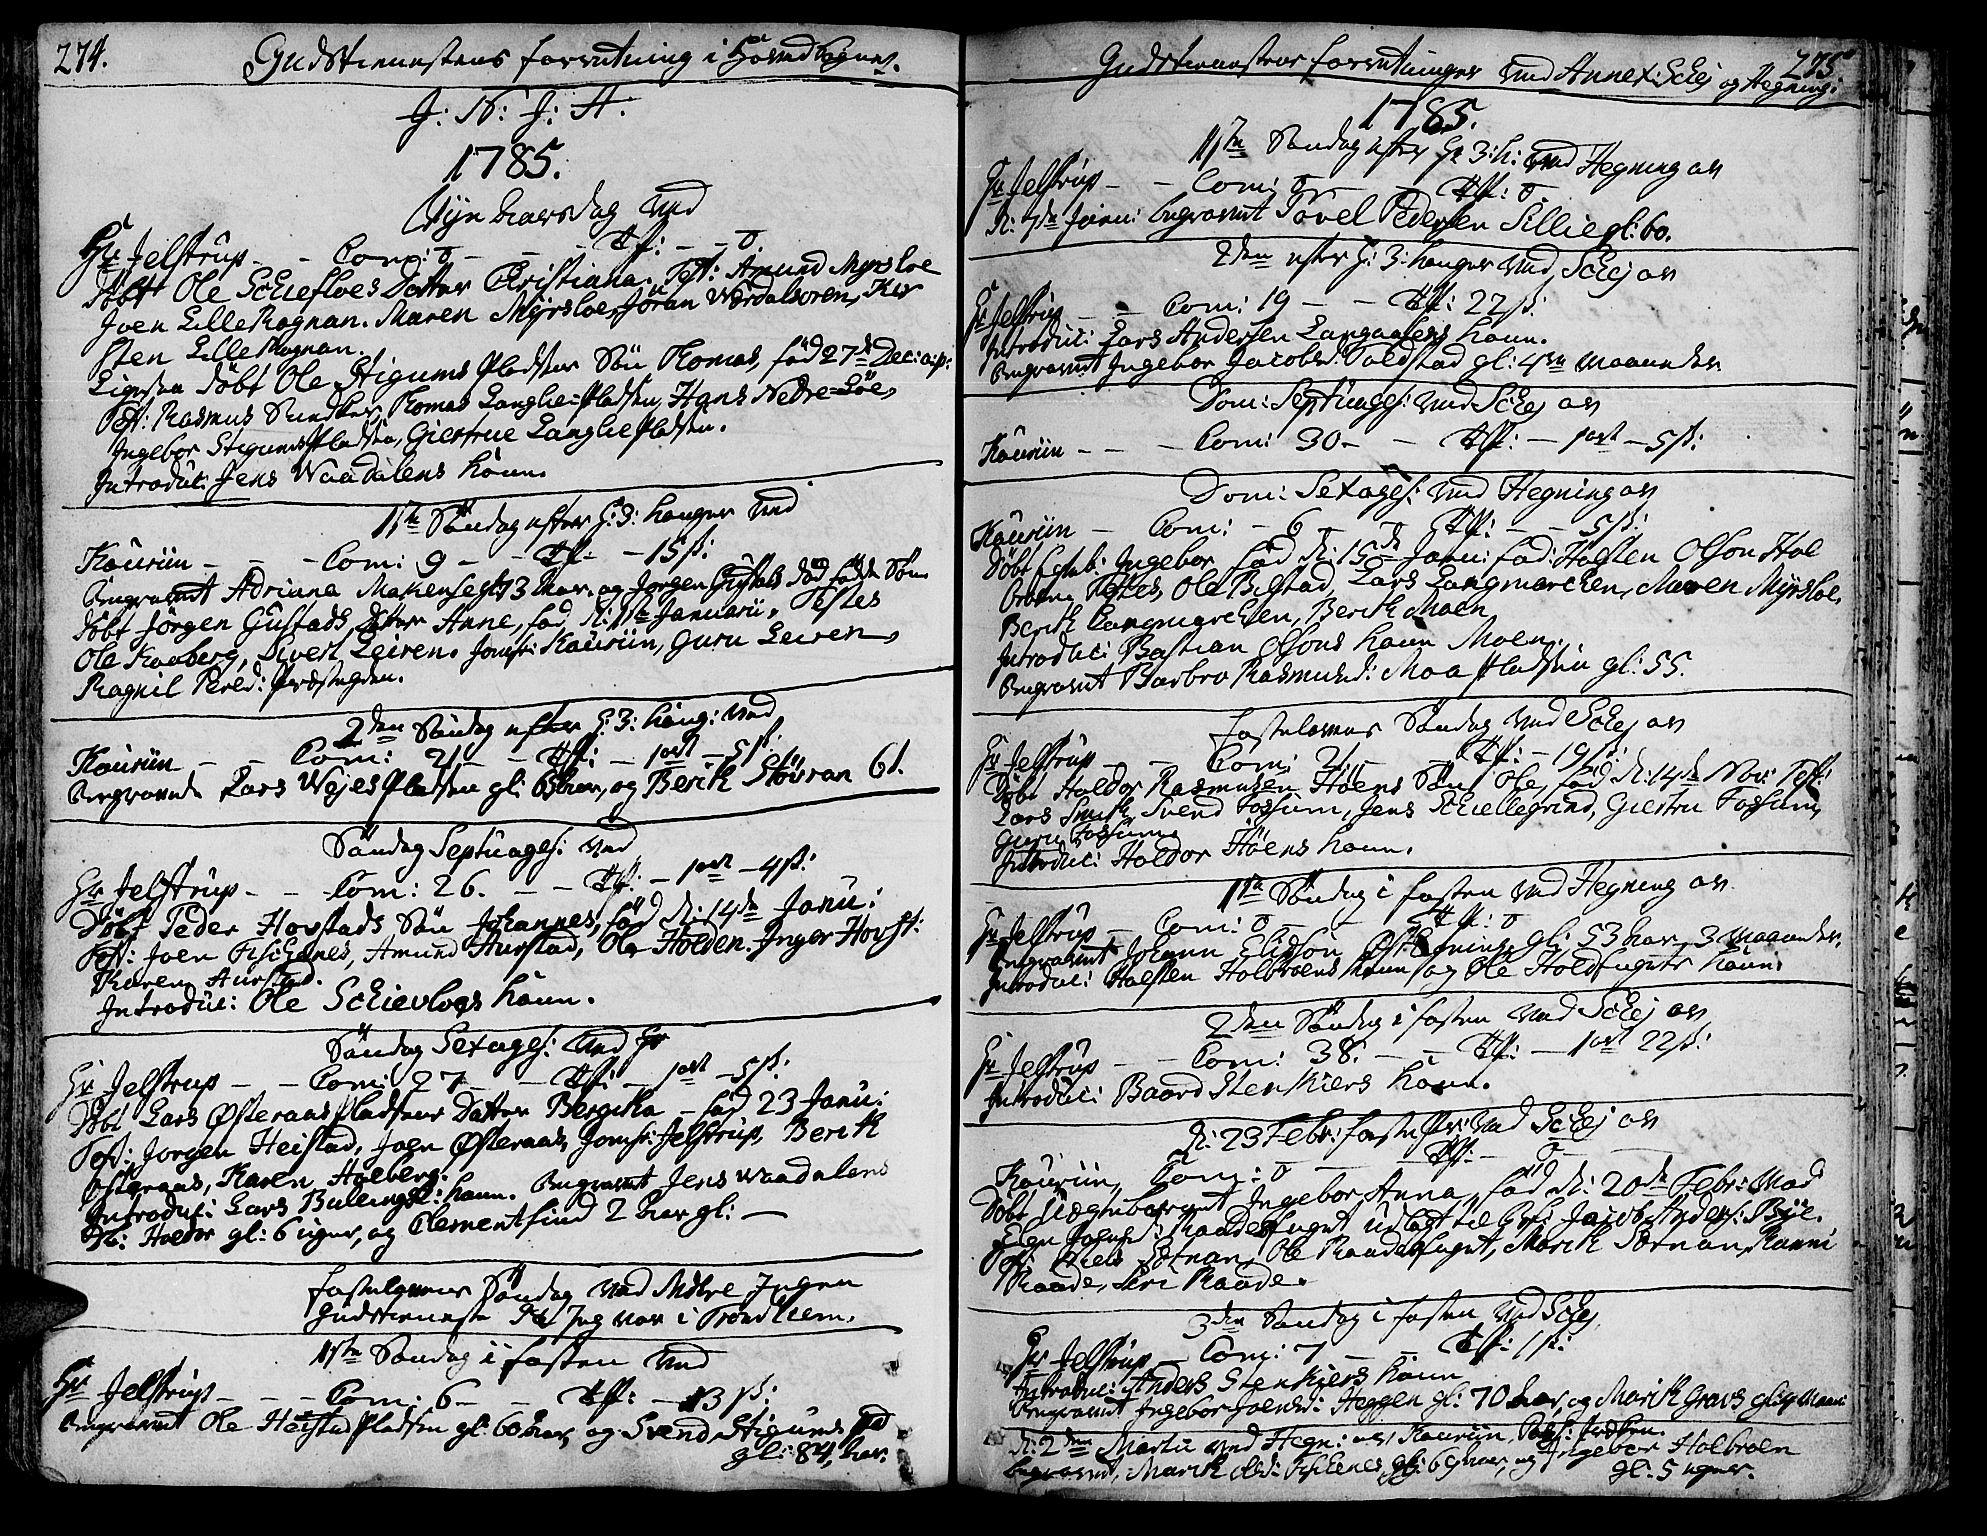 SAT, Ministerialprotokoller, klokkerbøker og fødselsregistre - Nord-Trøndelag, 735/L0331: Ministerialbok nr. 735A02, 1762-1794, s. 274-275